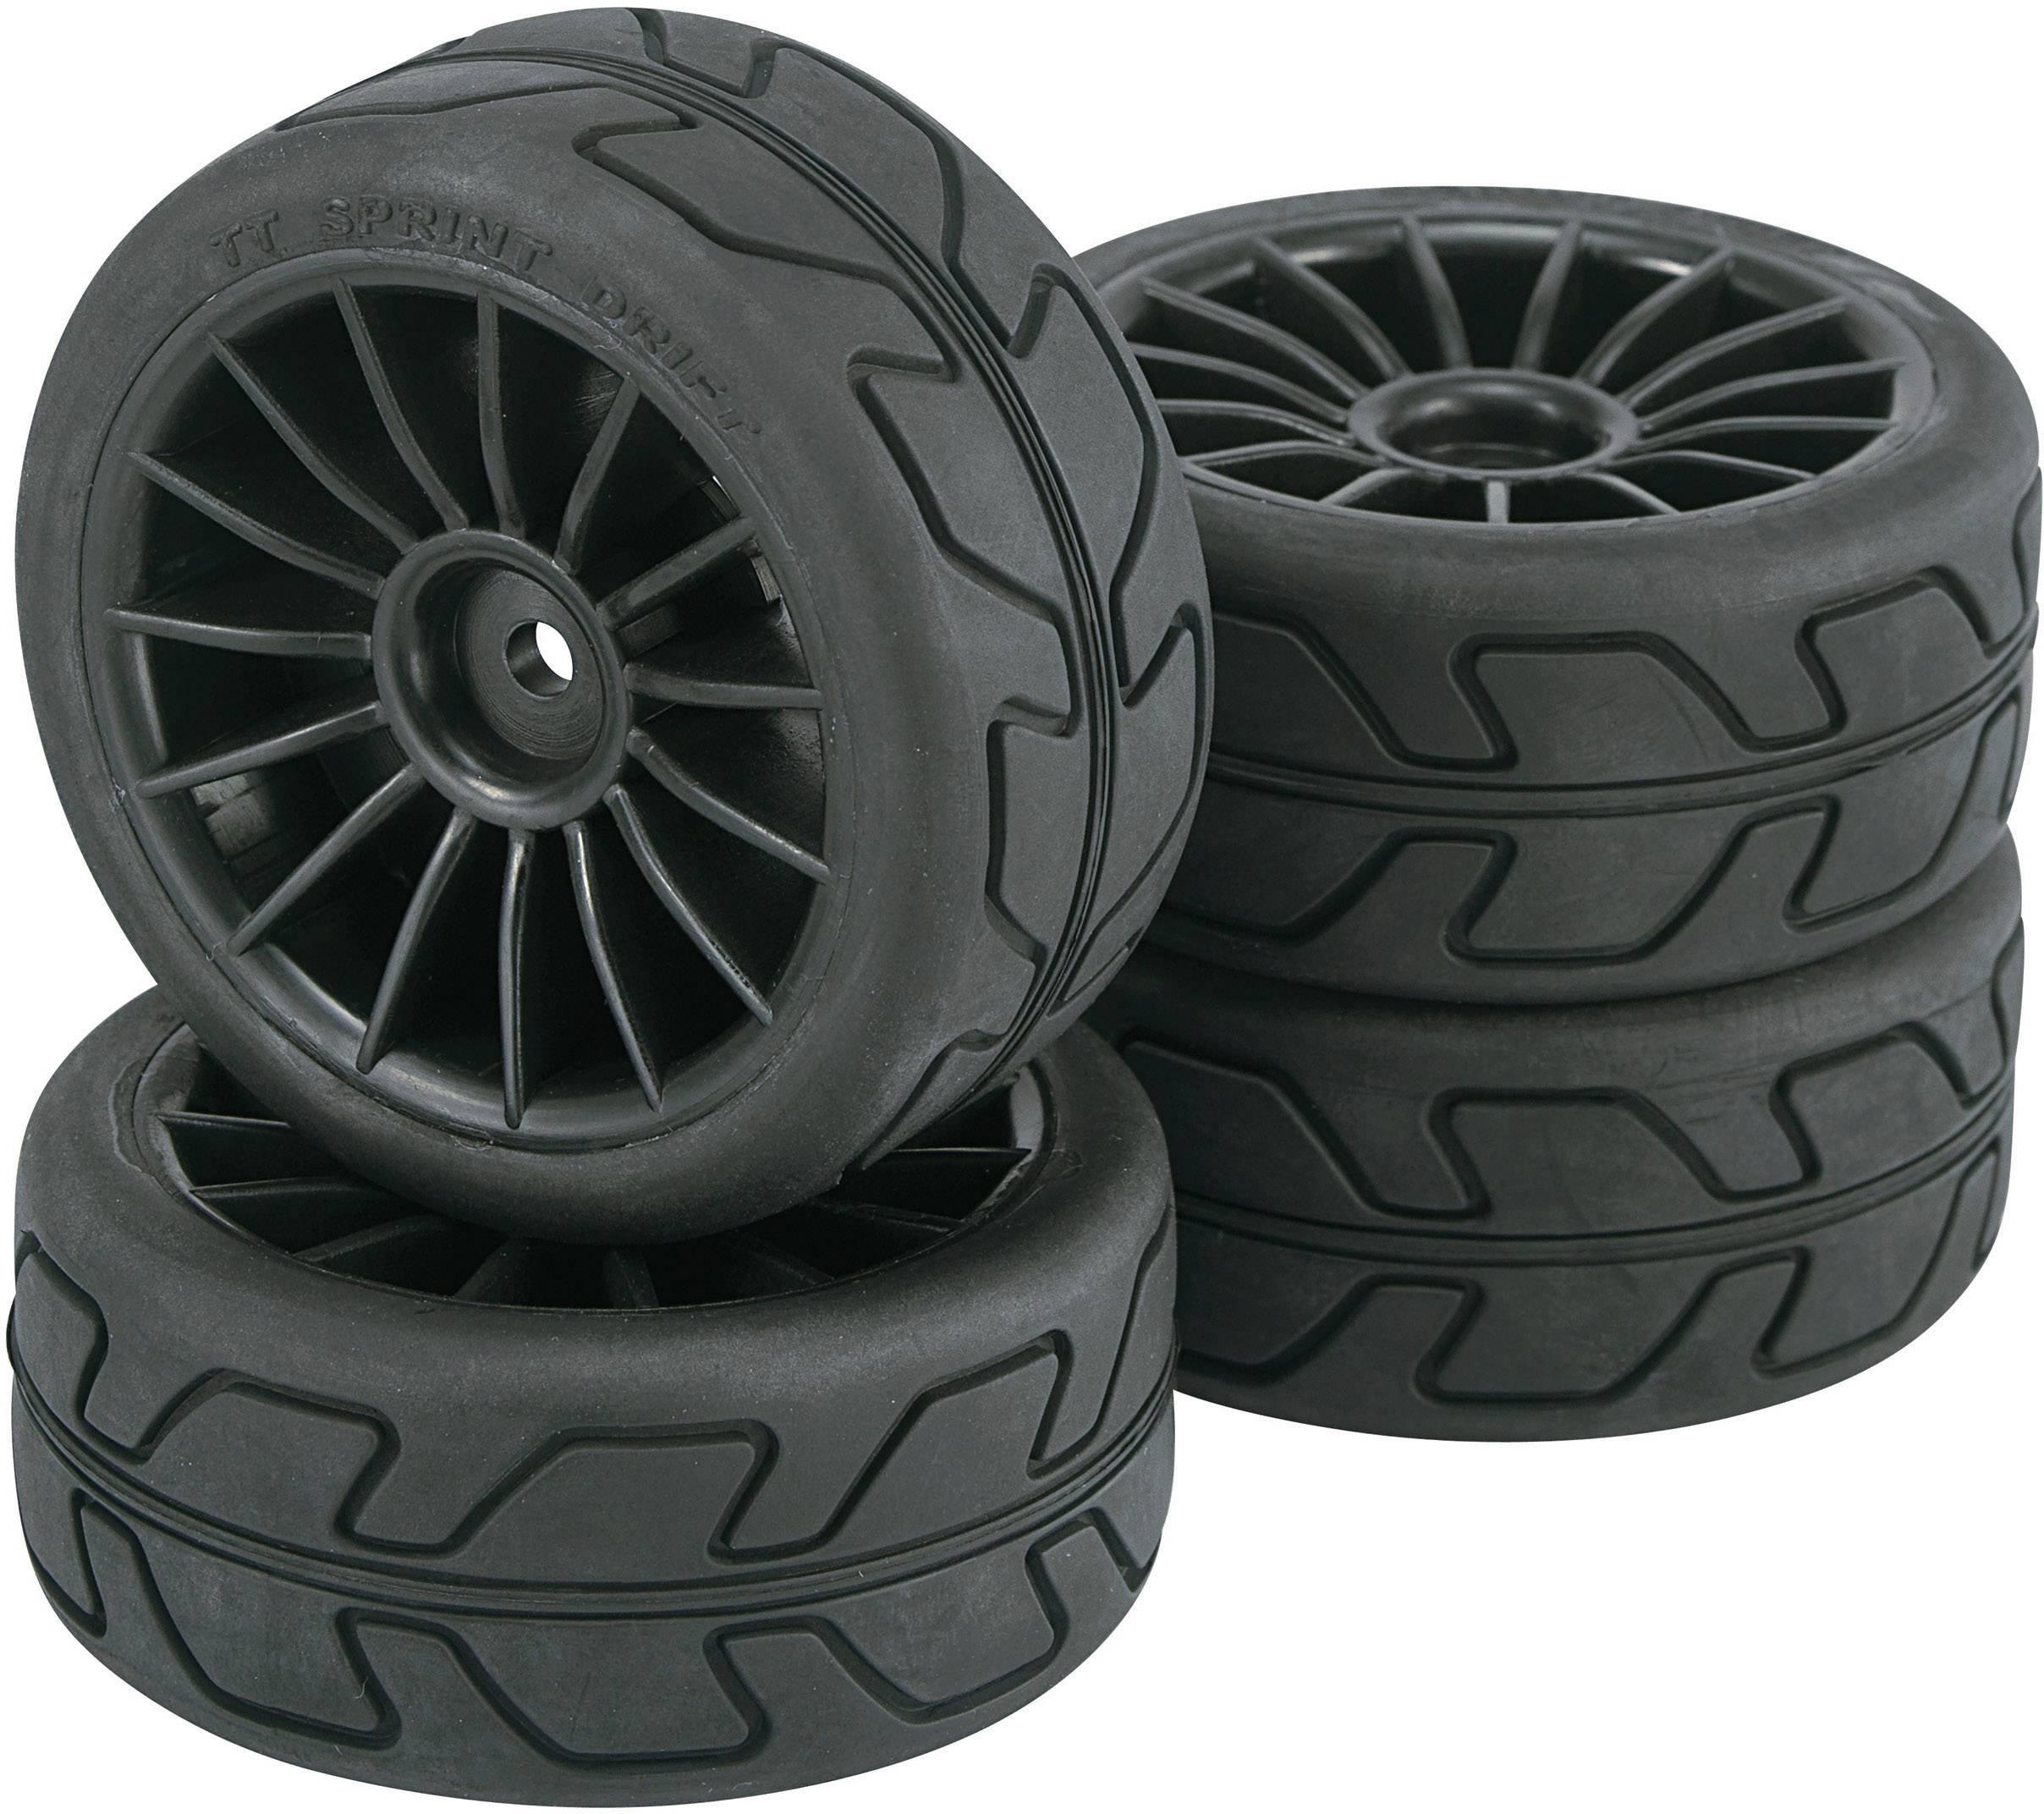 Kompletné kolesá Speed Reely 236029 pre cestný model, 65 mm, 1:10, 4 ks, čierna